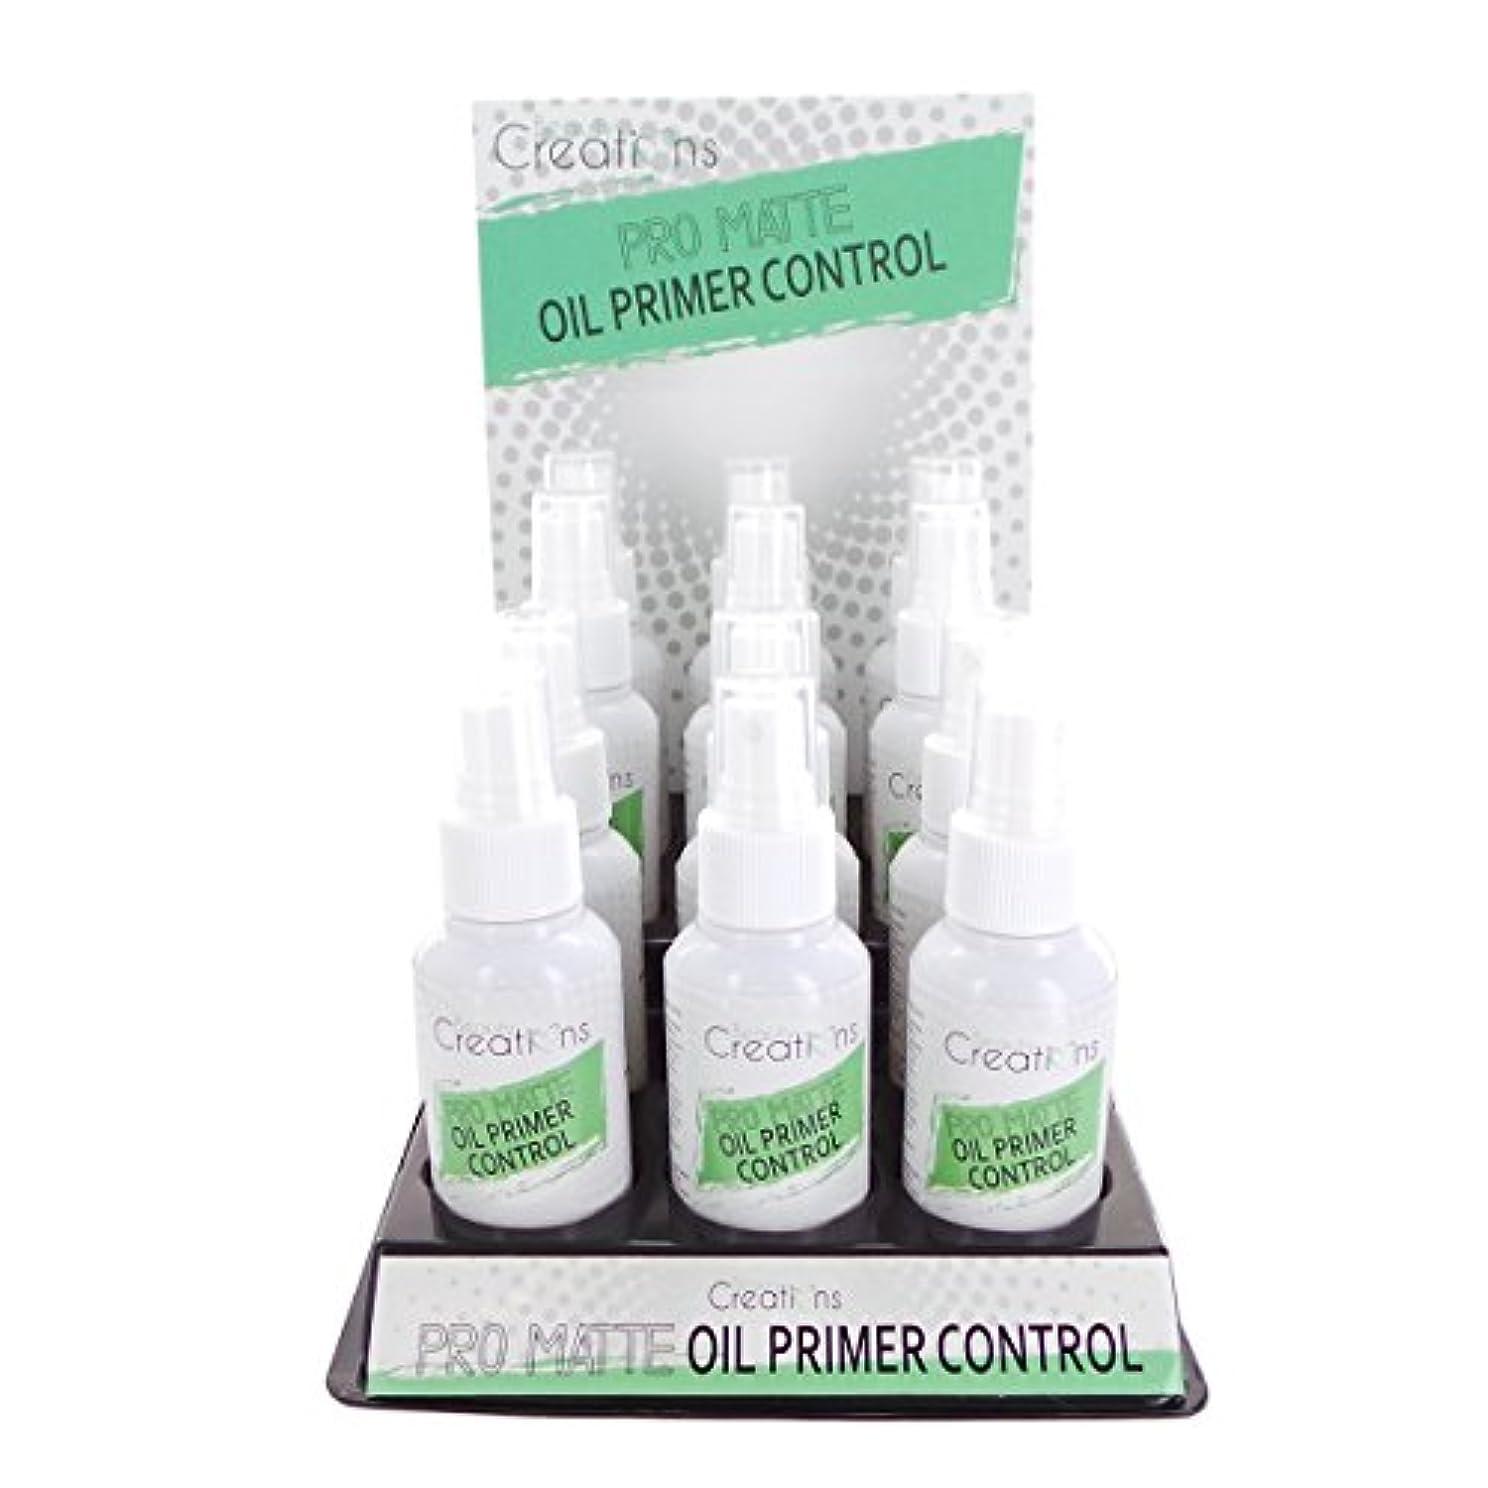 欠点染料ファントムBEAUTY CREATIONS Pro Matte Oil Primer Control Spray Display Set, 12 Pieces (並行輸入品)